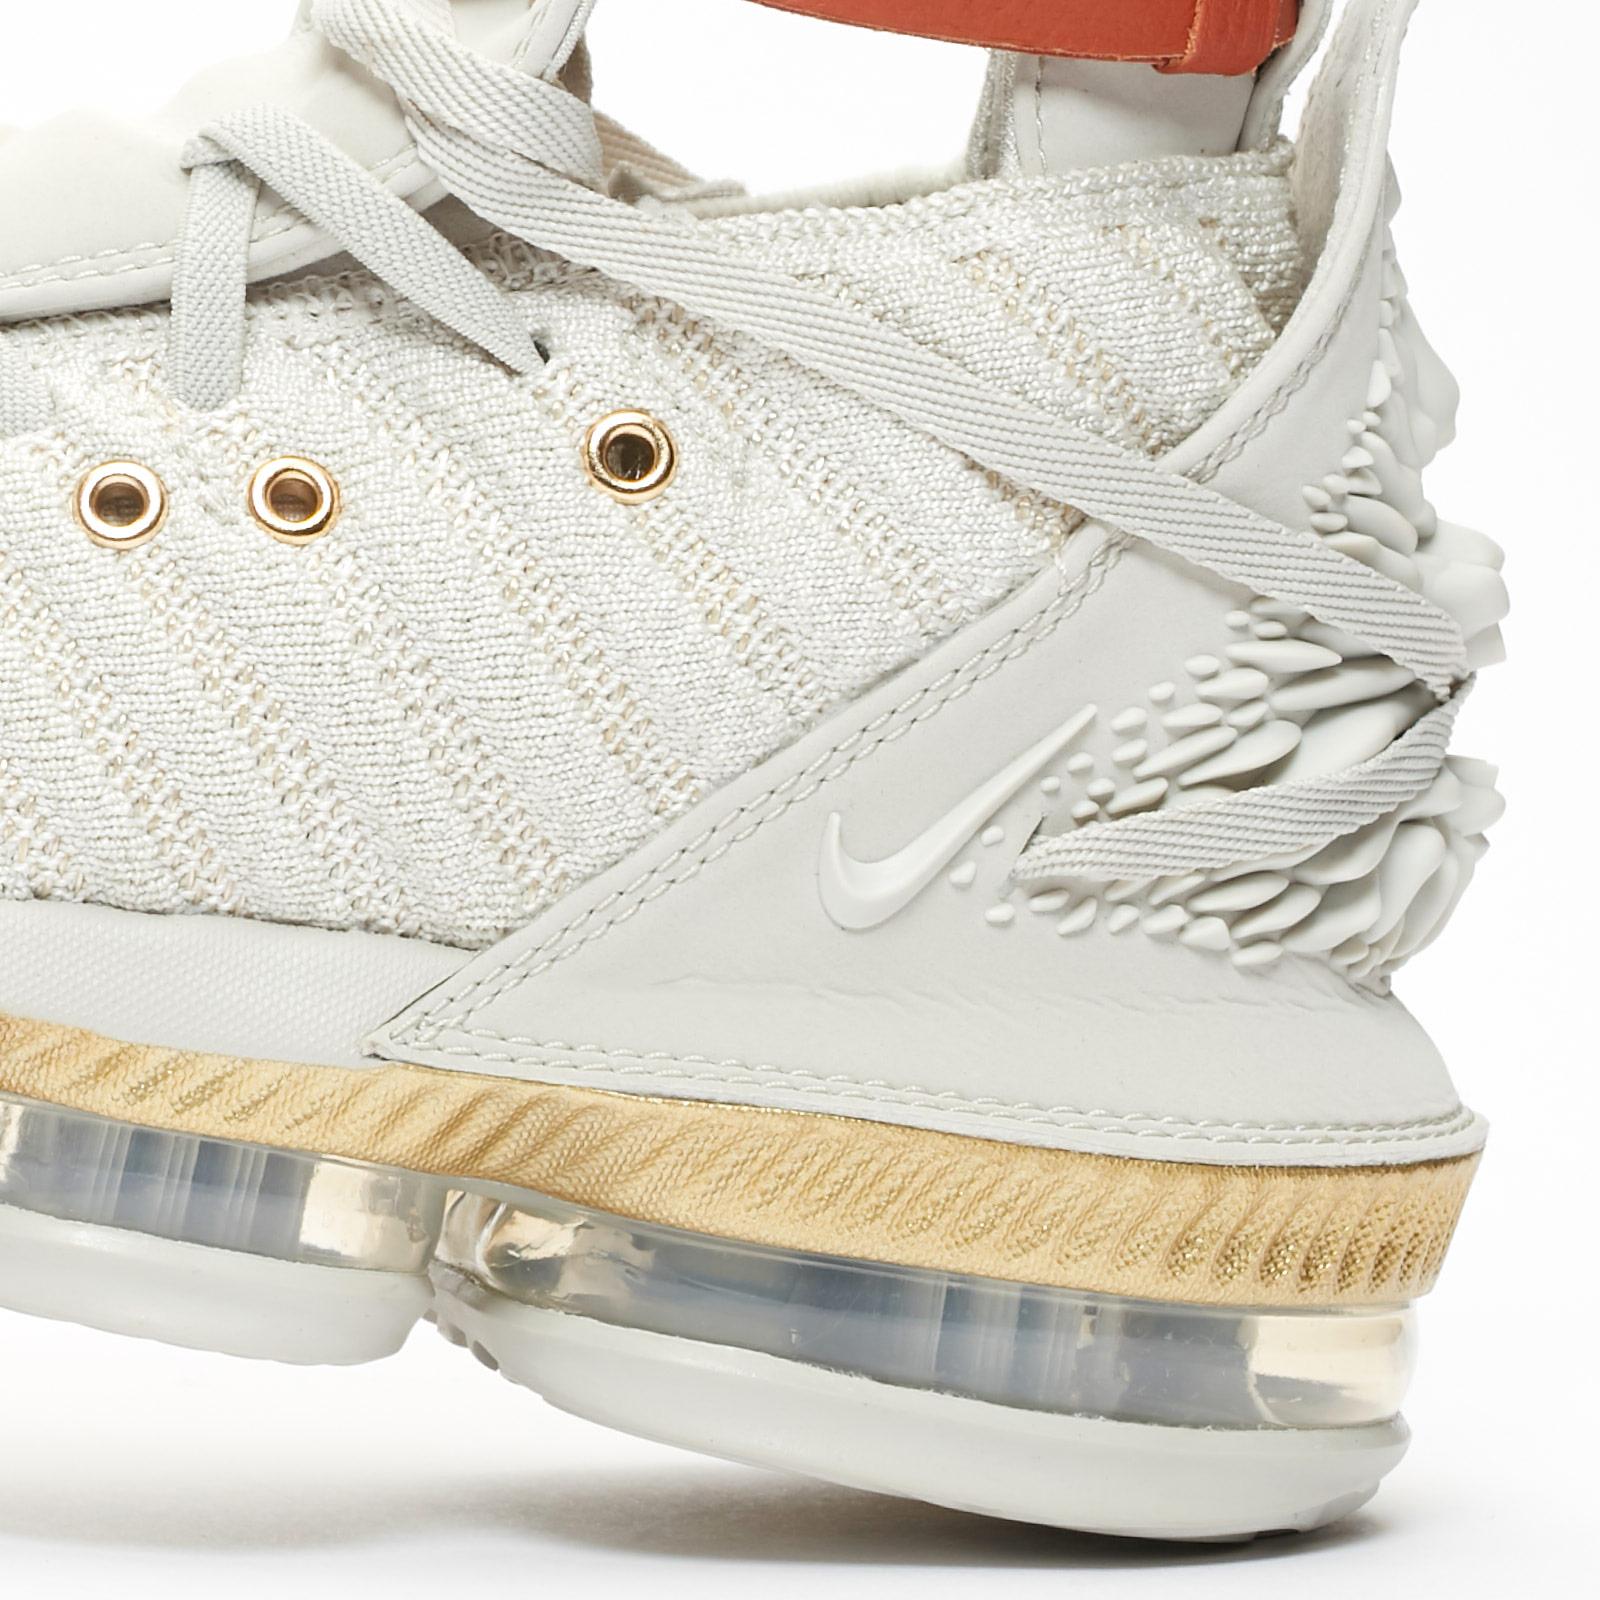 7d23b031364 Nike Wmns LeBron XVI LMTD - Bq6583-100 - Sneakersnstuff